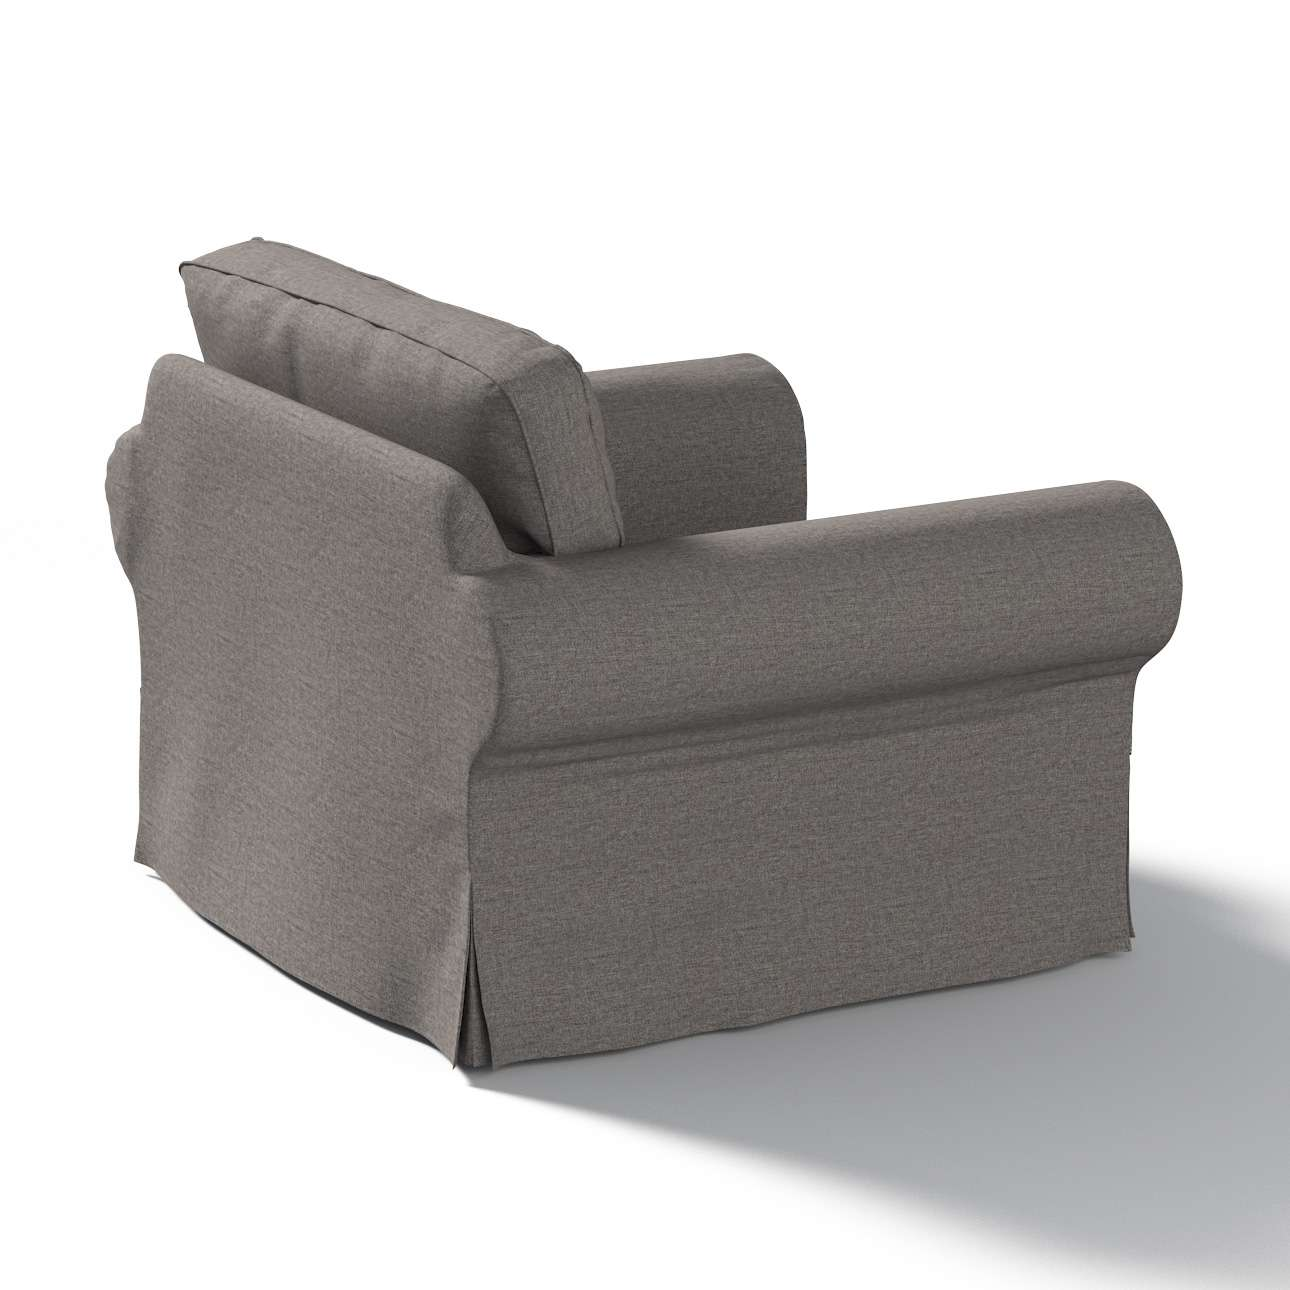 Pokrowiec na fotel Ektorp w kolekcji Edinburgh, tkanina: 115-77